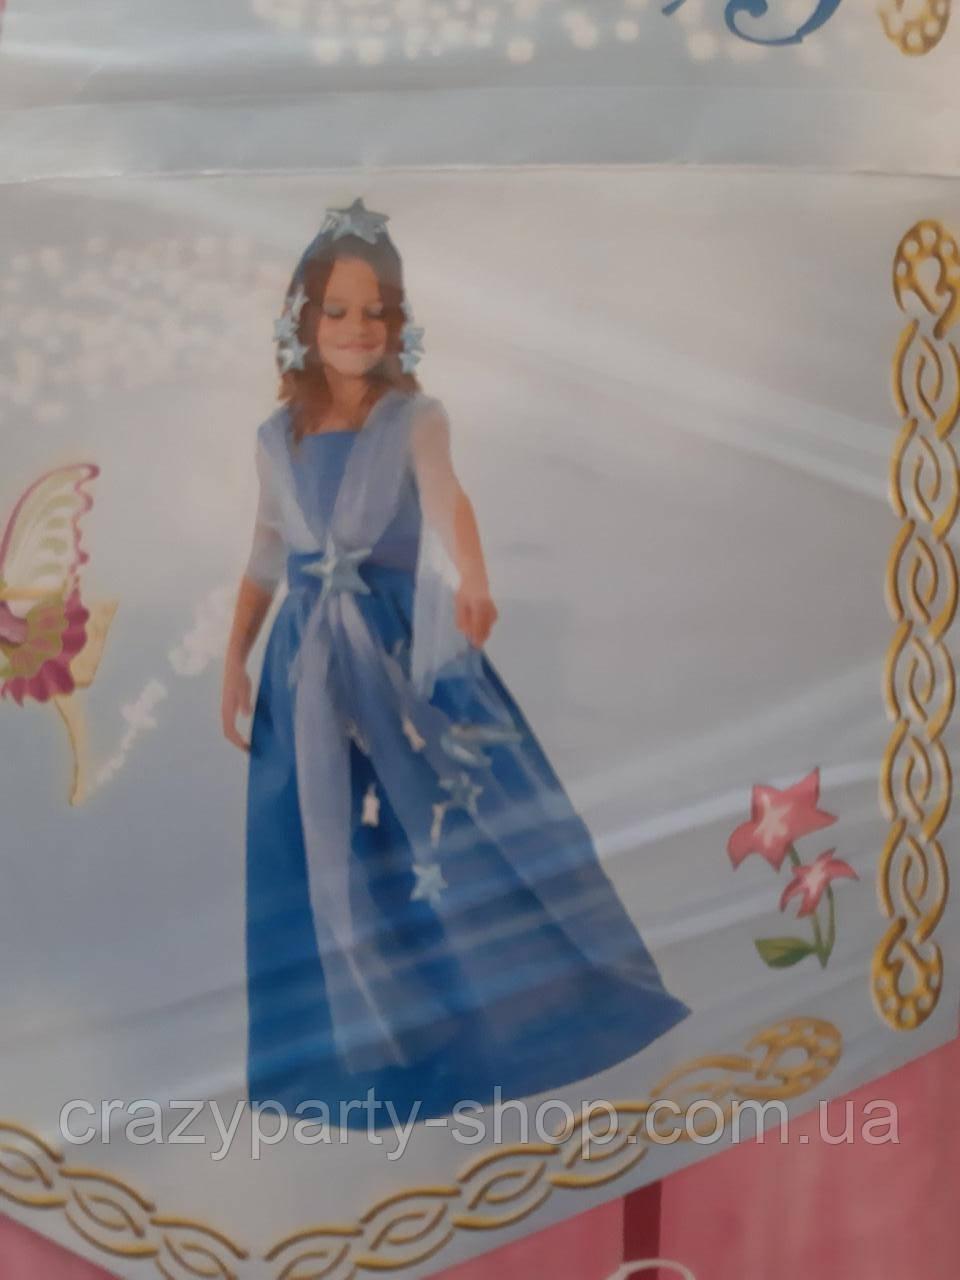 Карнавальна сукня Принцеса, фея, зірочка, ночька б/у